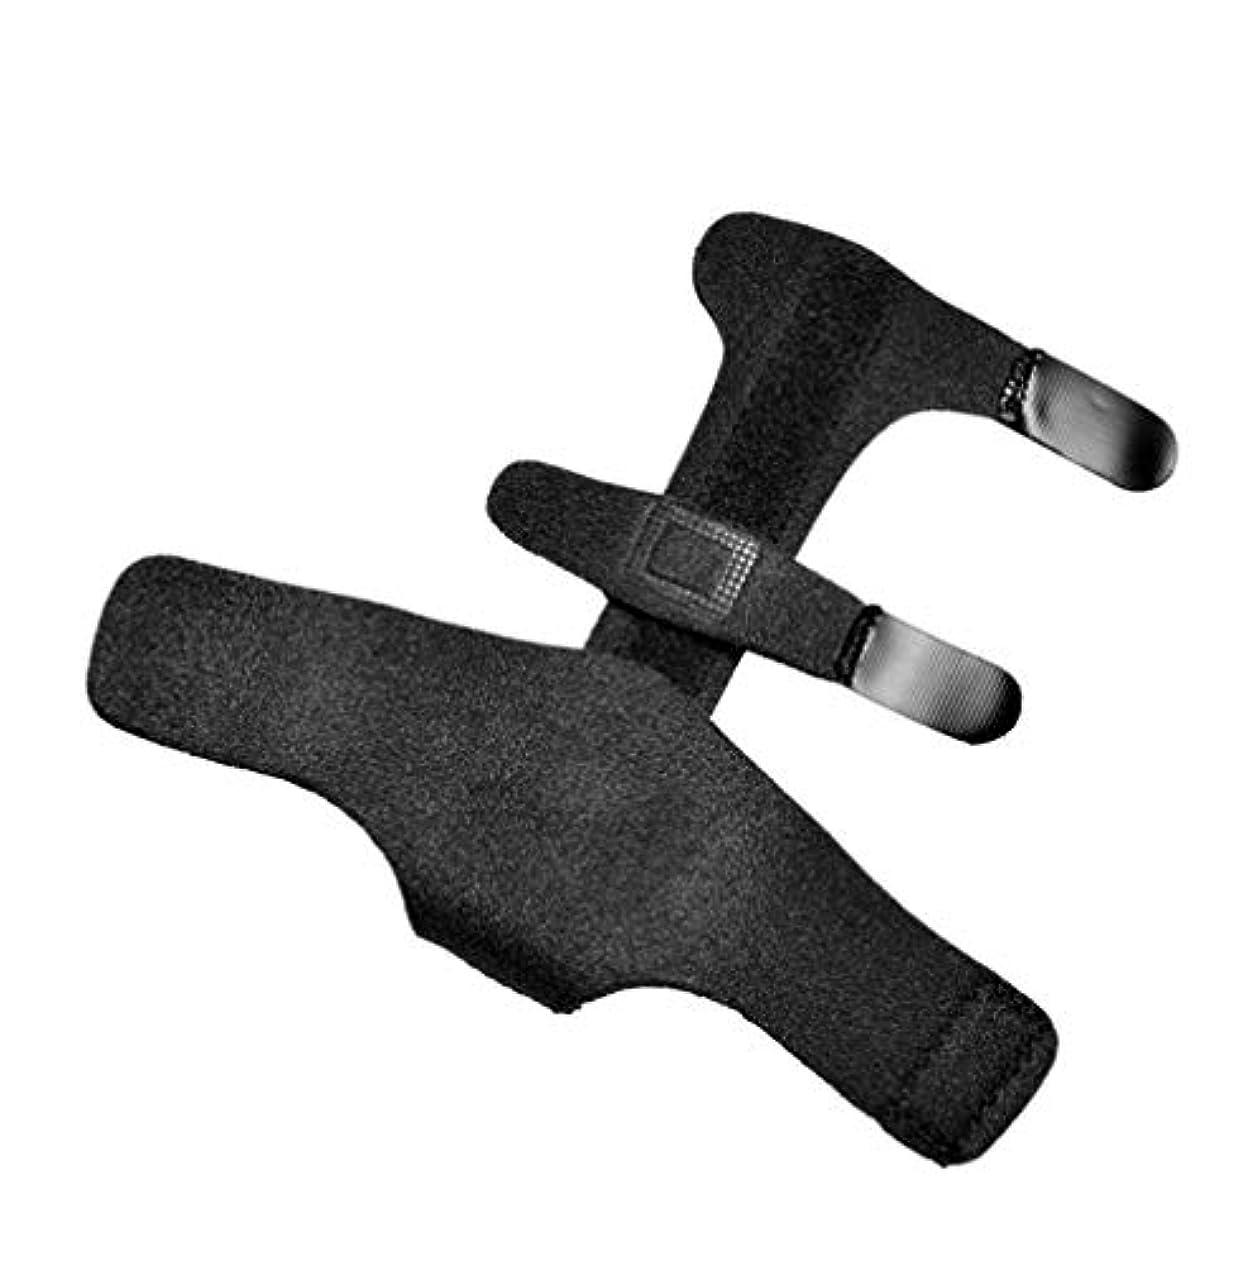 抵当ブラインド悪化させる親指スプリント、スプリント固定フィンガージョイント捻挫とホームの指固定して指骨折固定、ワンサイズ